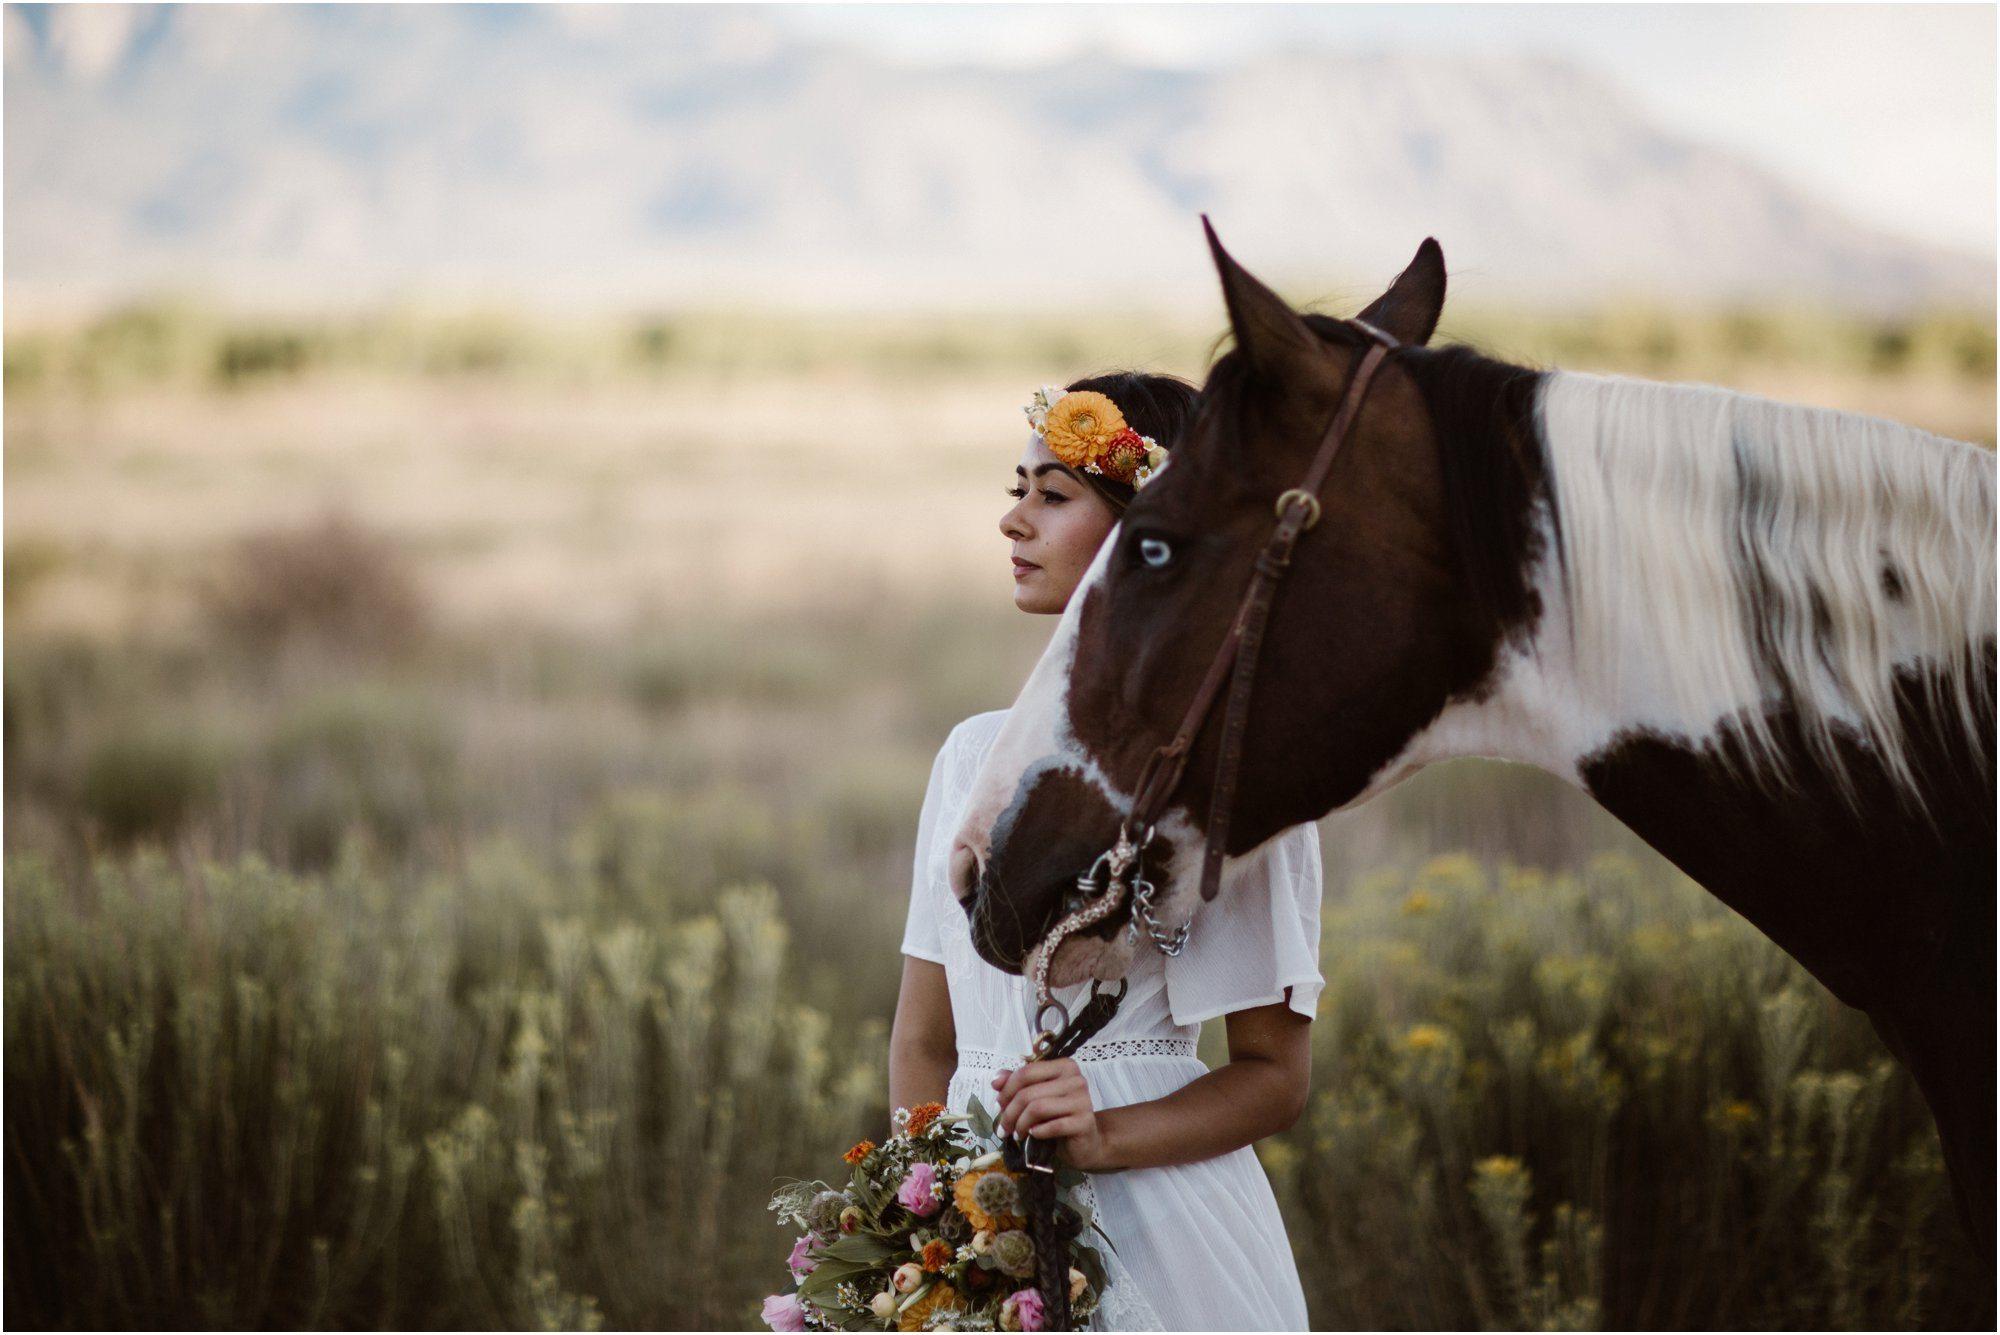 033Blue Rose Photography_ Albuquerque Portrait Photographer_ Fine Art Portraits_ Santa Fe Photographer